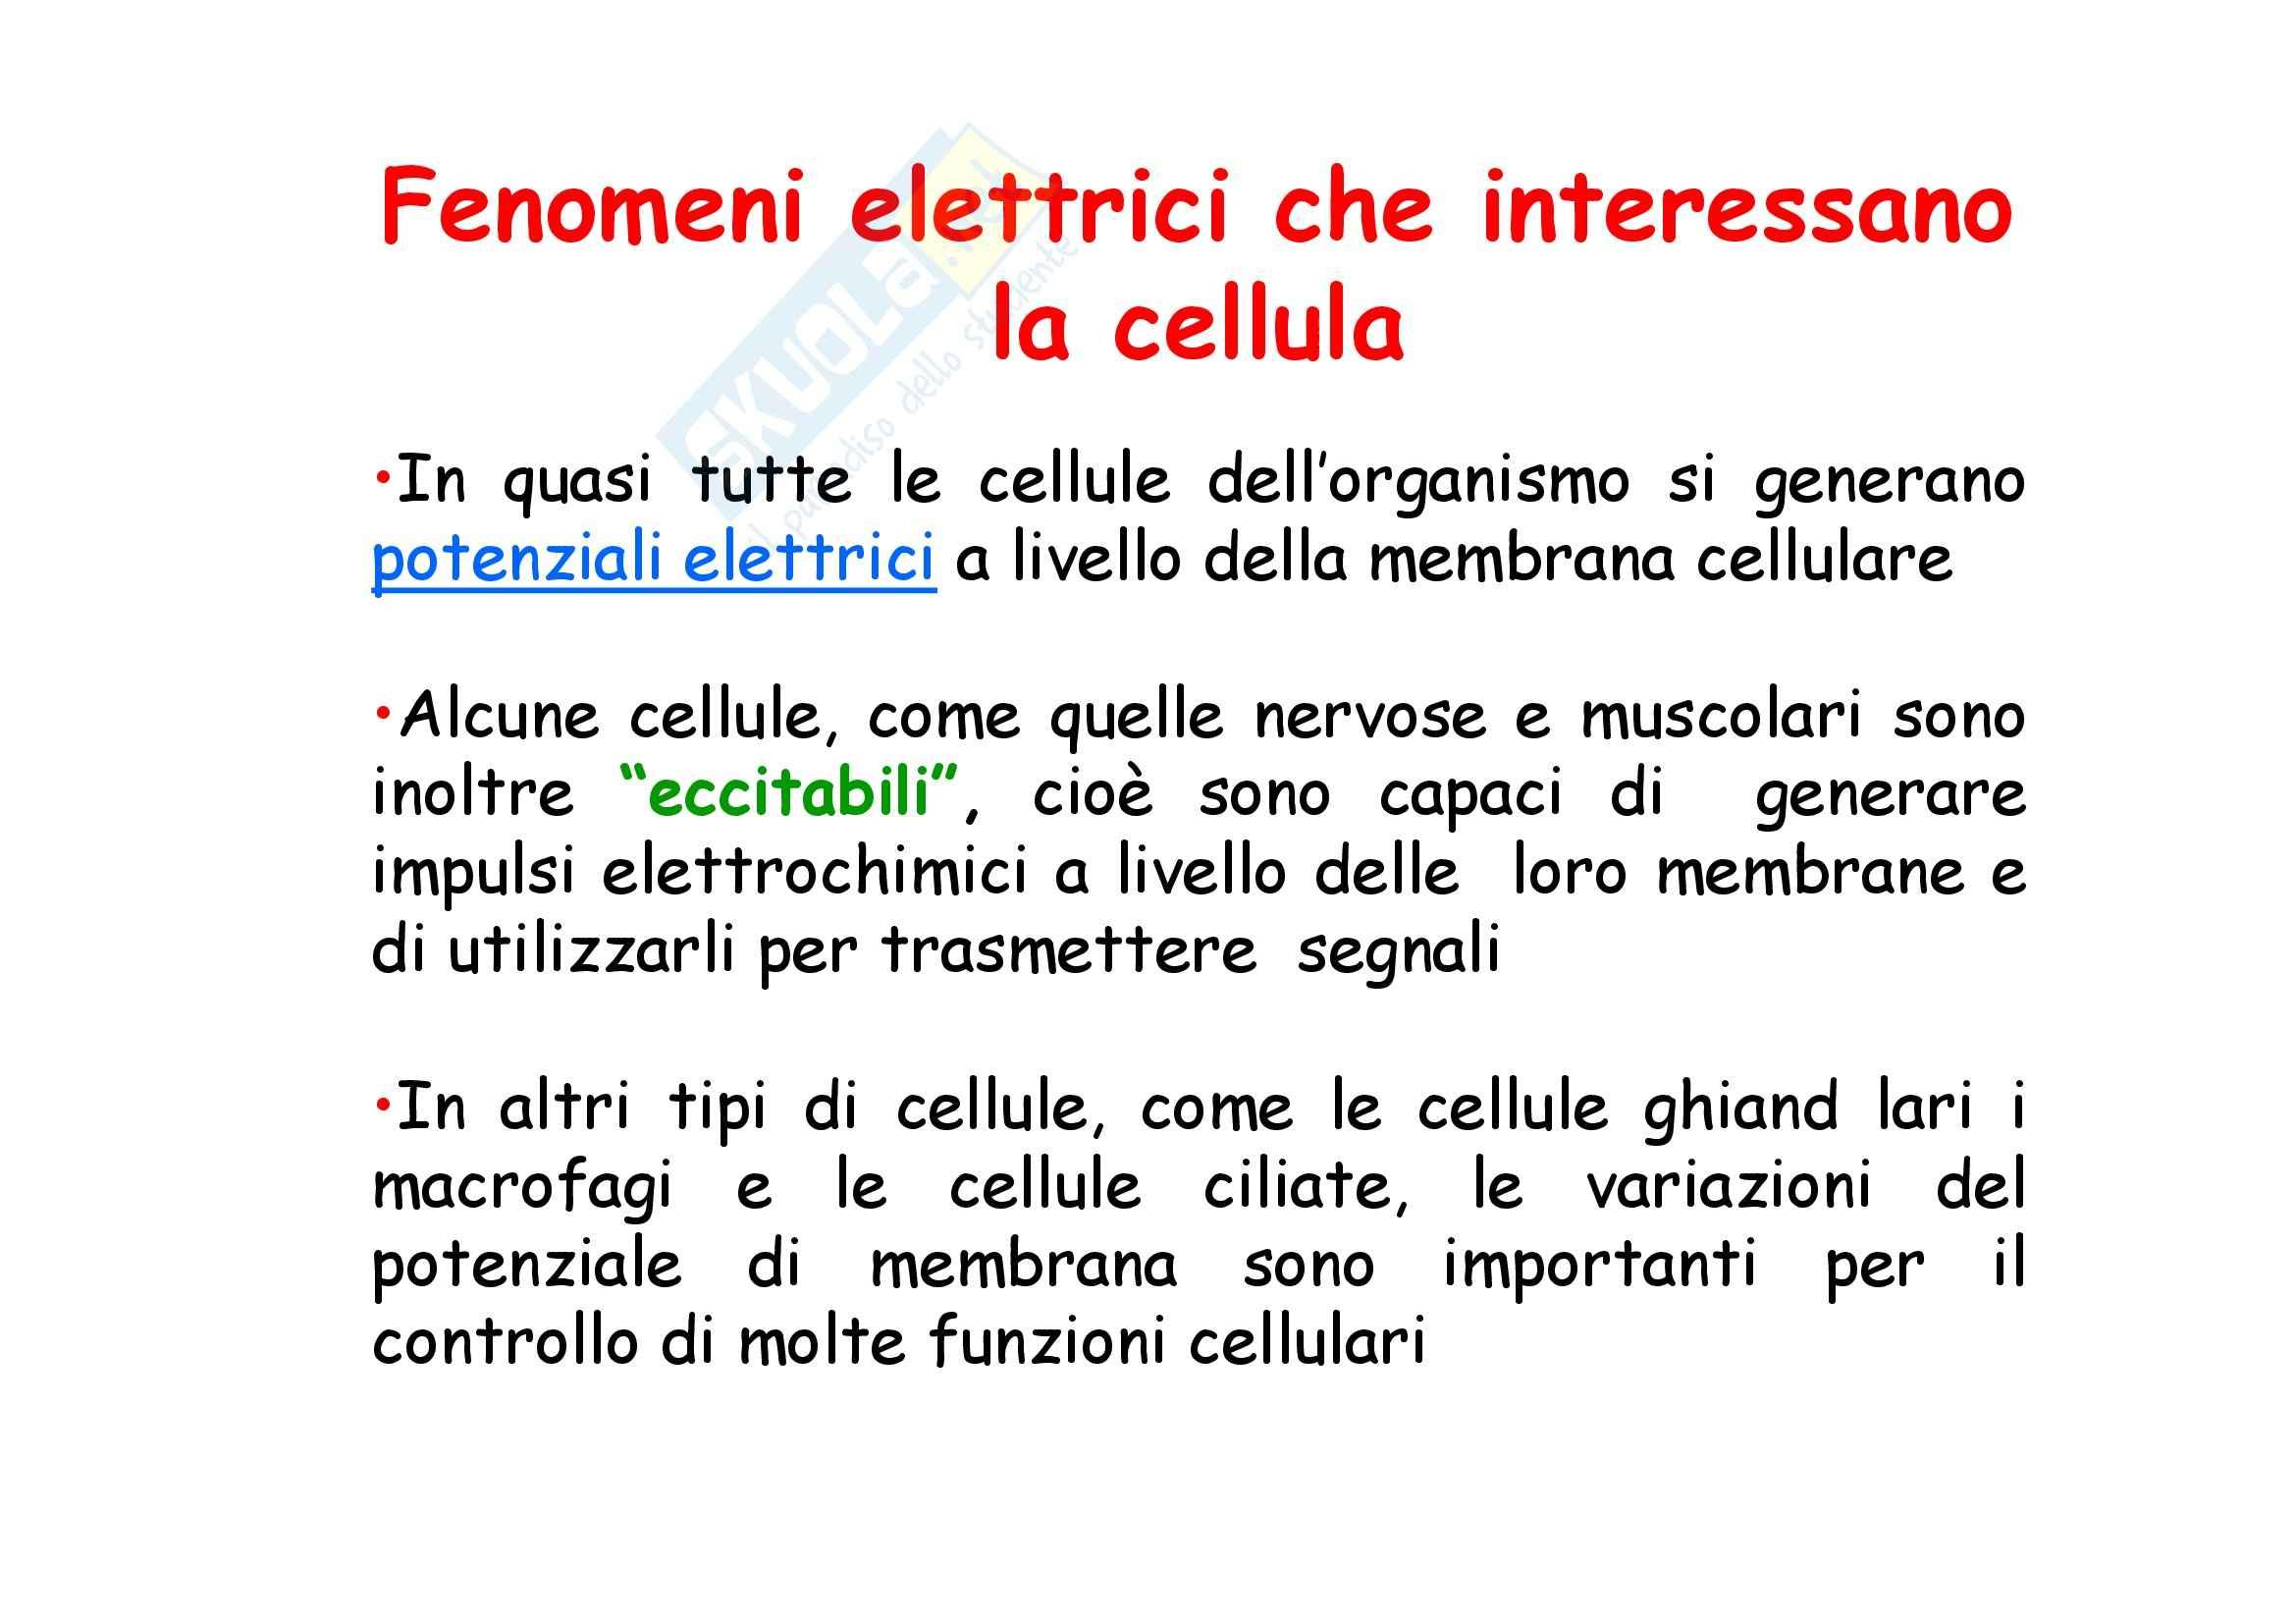 Fisiologia - fenomeni elettrici che interessano la cellula